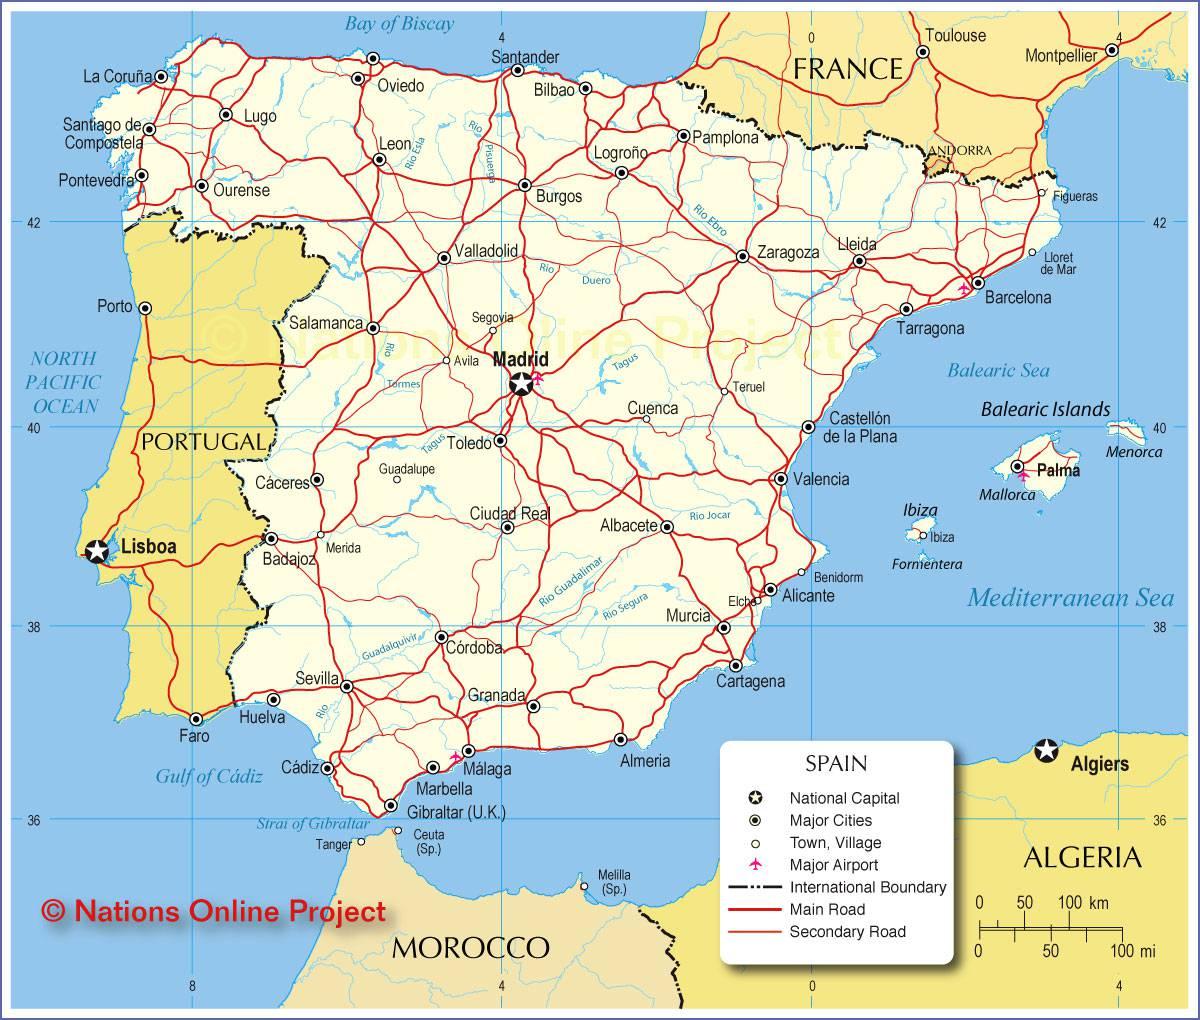 Carte Espagne Nord Est.Carte De L Espagne Decouvrrir L Espagne Sous Forme De Carte